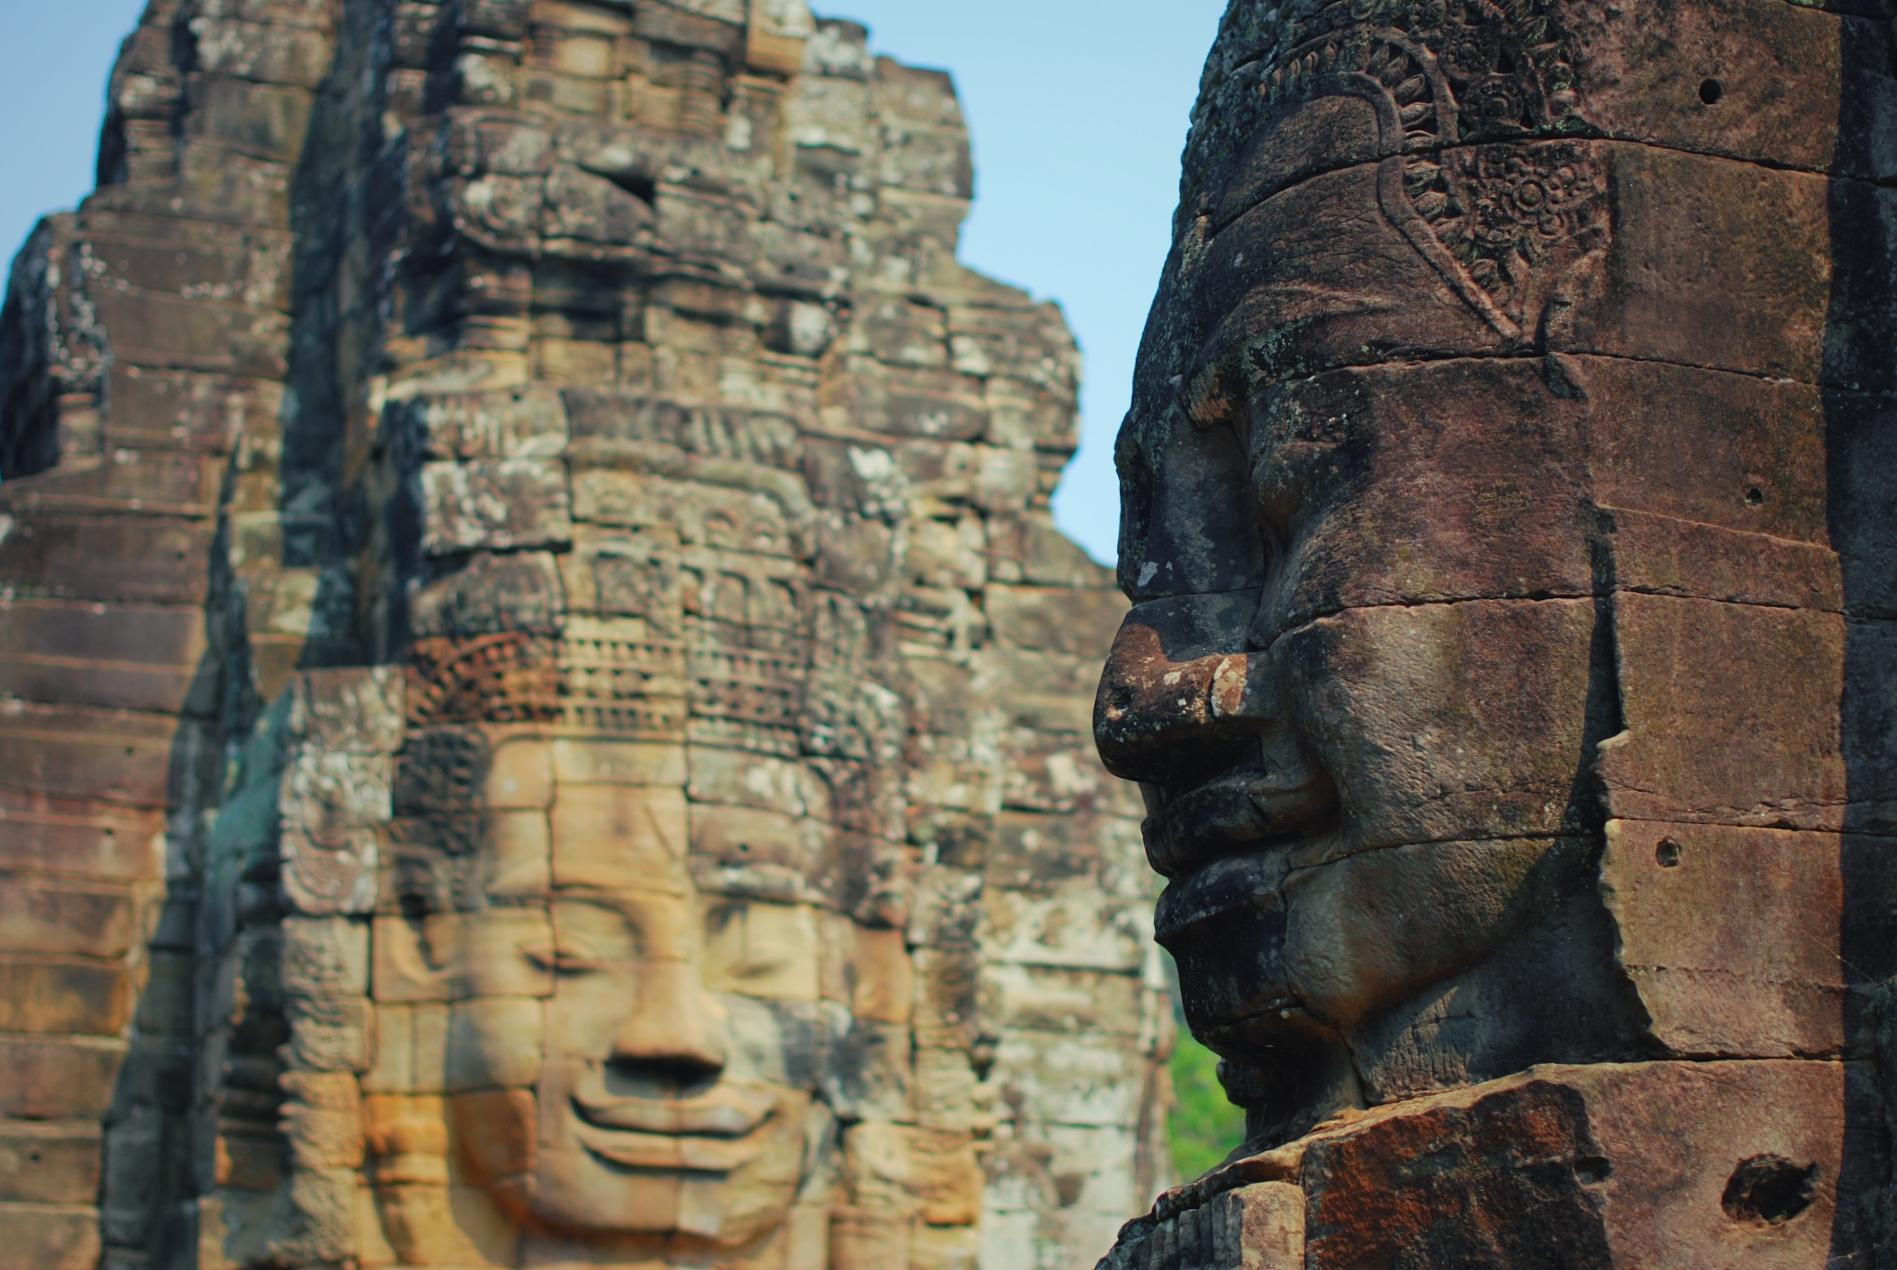 高棉的微笑